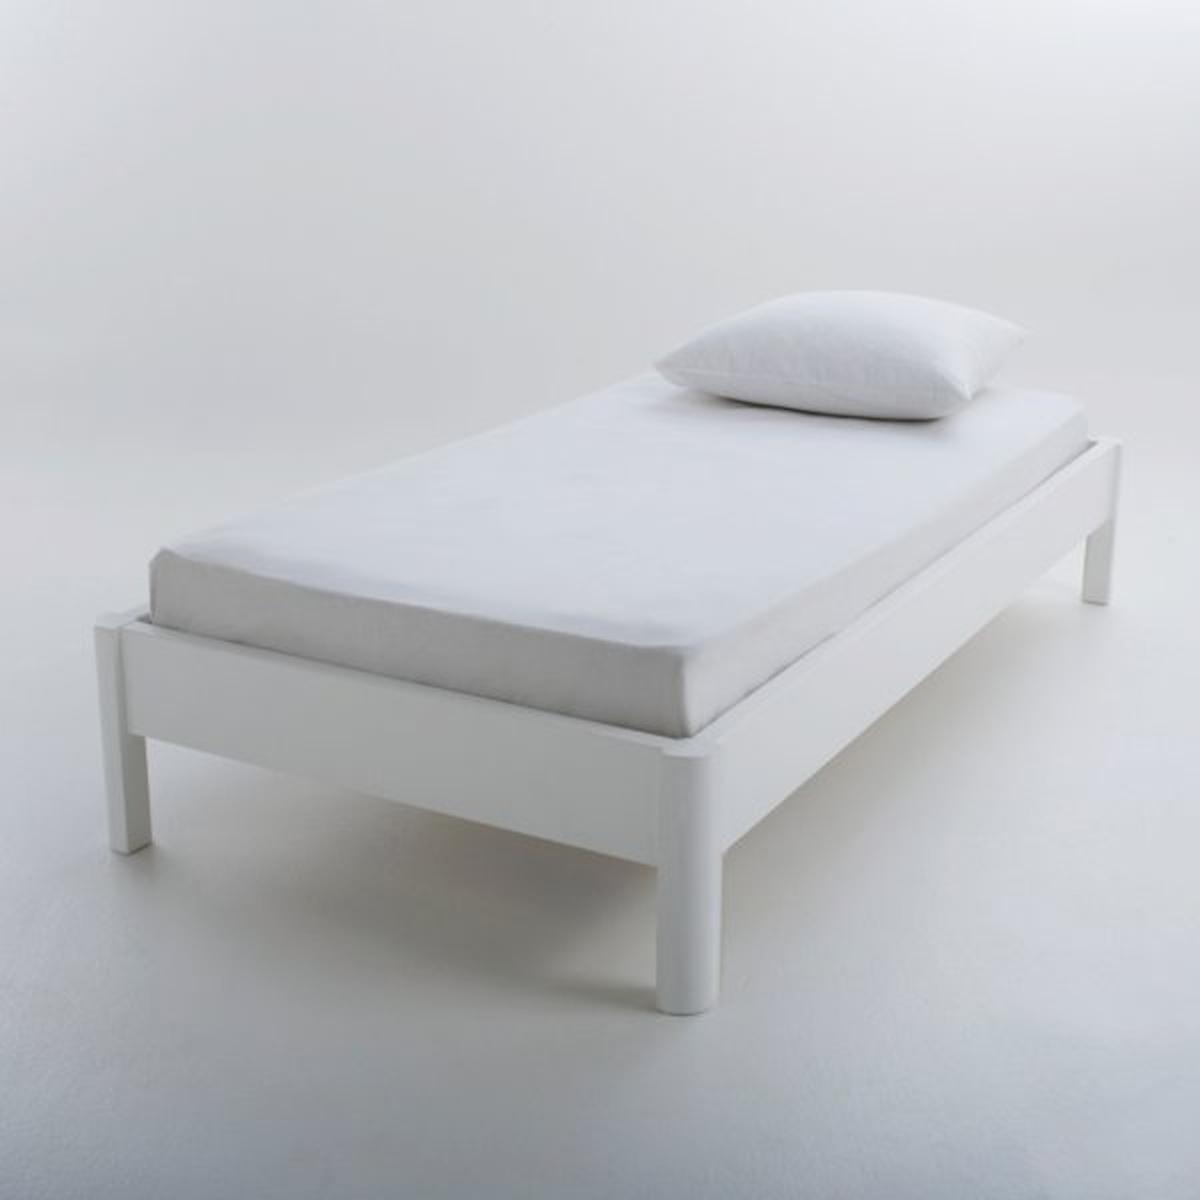 Кровать из массива сосны с кроватным основанием Zulda кровать из массива дерева credit suisse 1 2 1 5 1 8